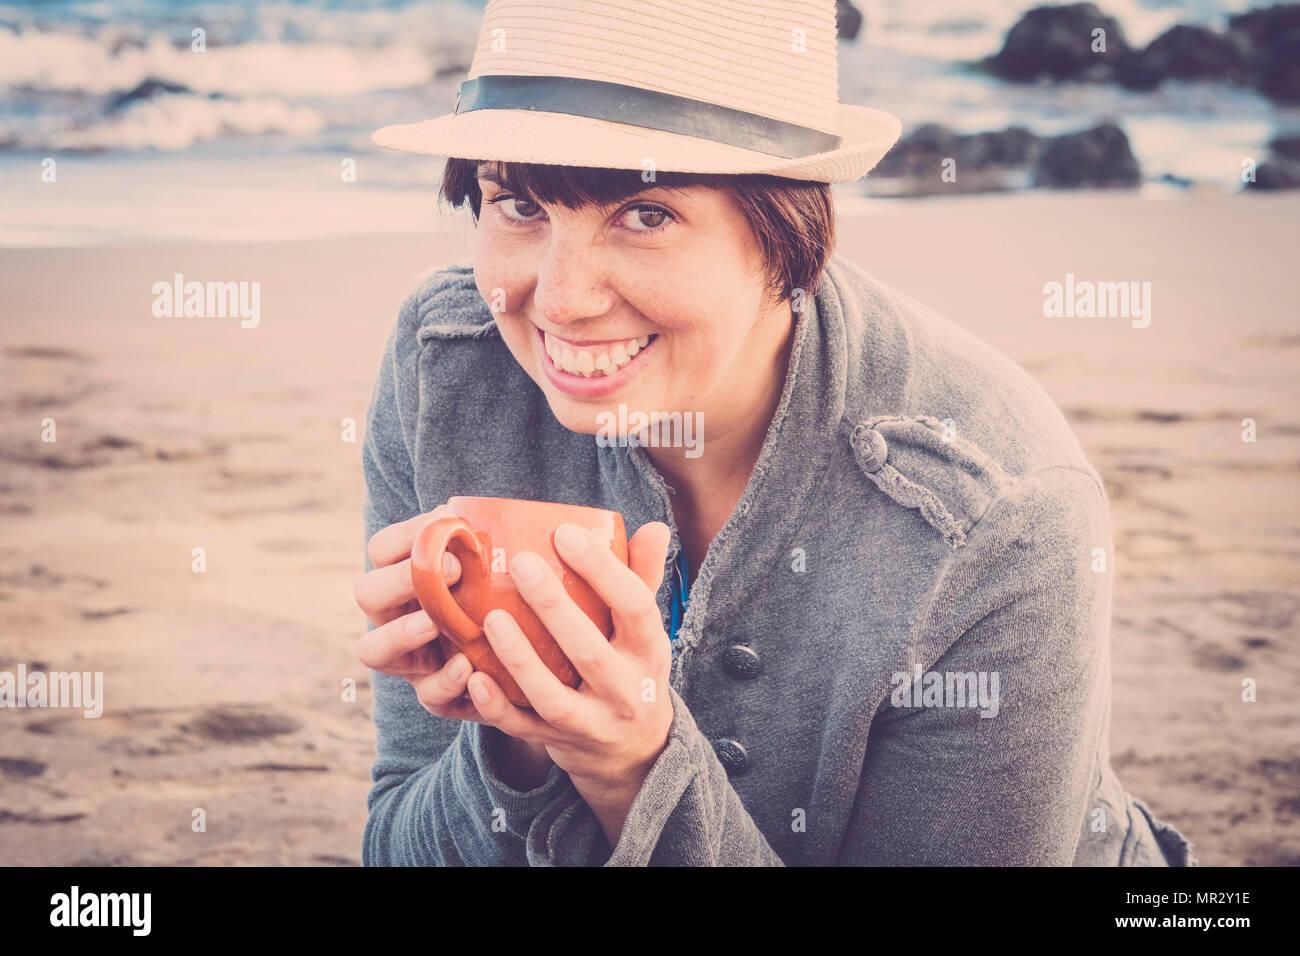 Mujer sonriente agradable sentarse en la playa, con el mar de fondo. beber una taza de té o café para una actividad de ocio relalxed y conectado Imagen De Stock